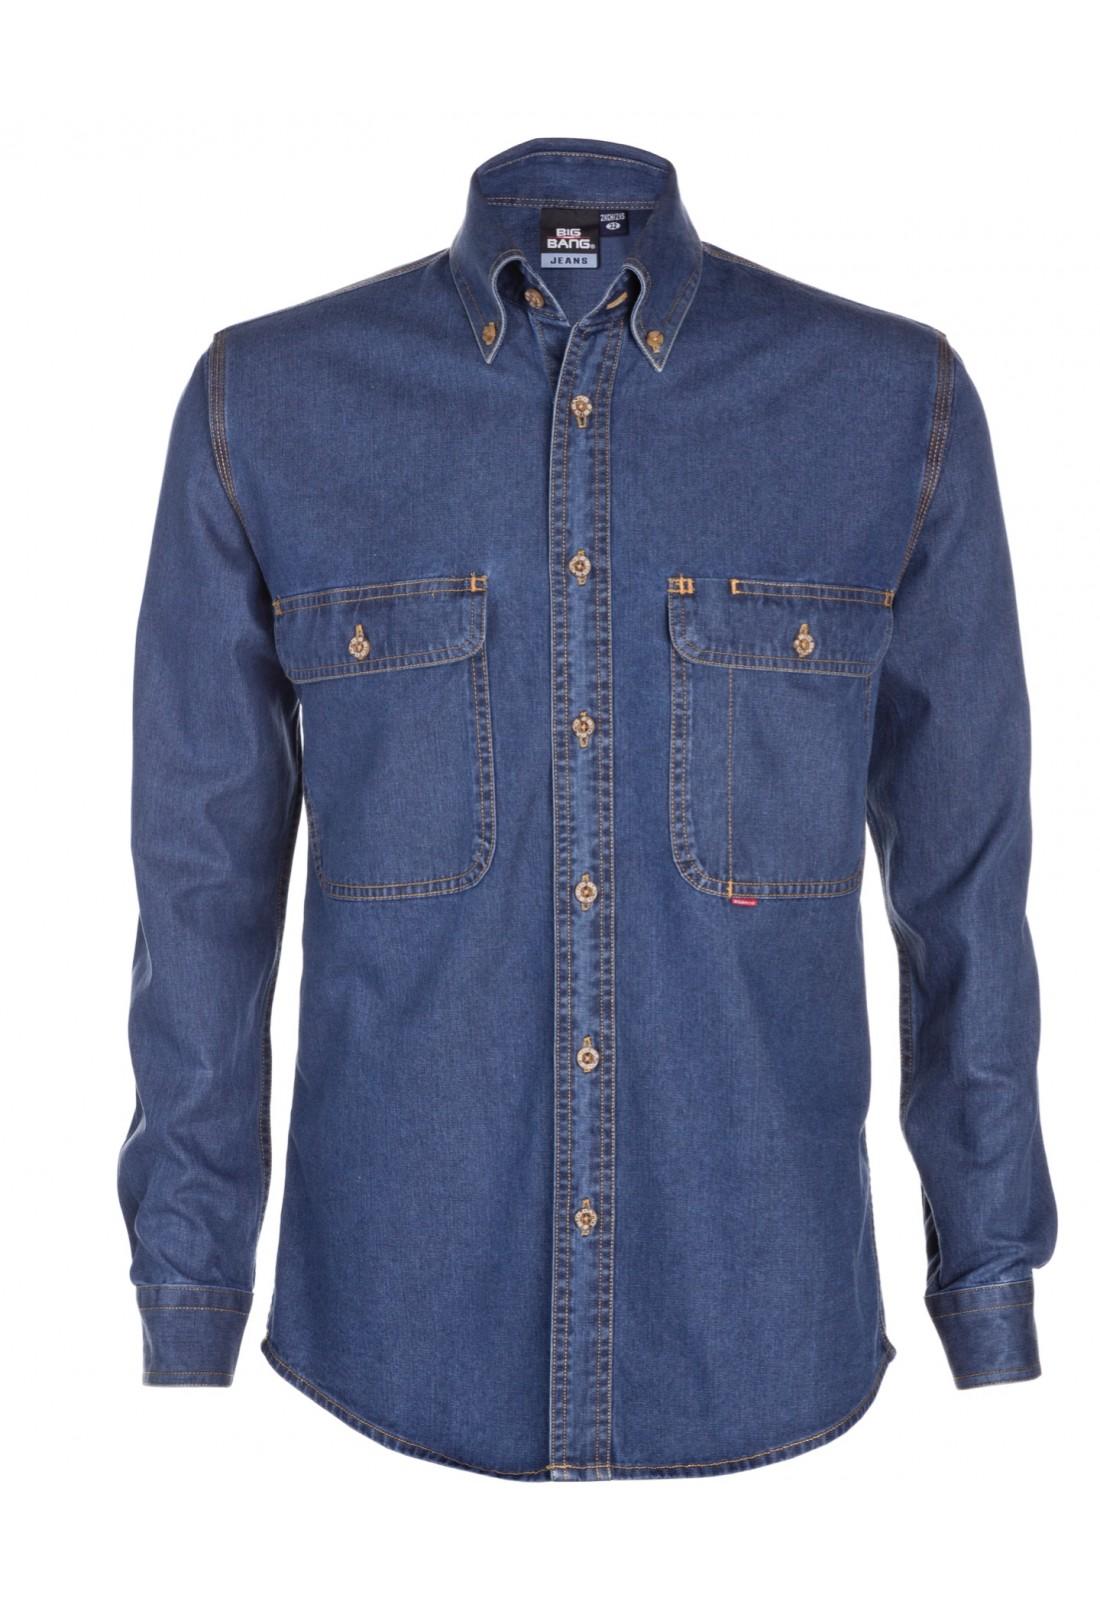 Camisas y Blusas » Distribuidor Master de las mejores marcas cca1e9e59efd5